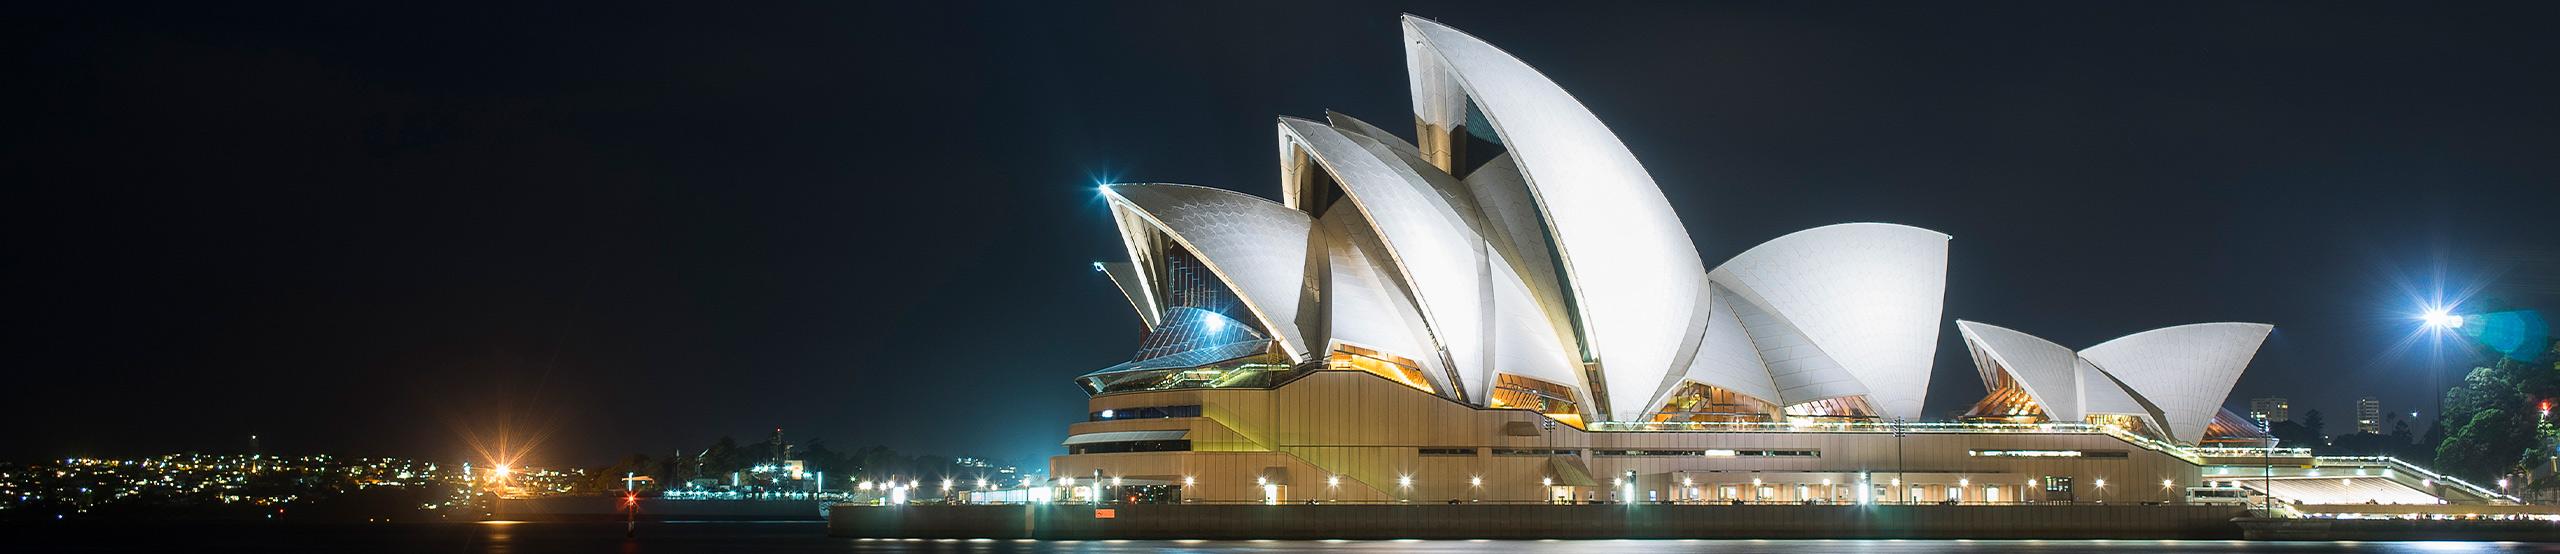 Sydney Opera House | Naples Global Advisors, SEC Registered Investment Advisor